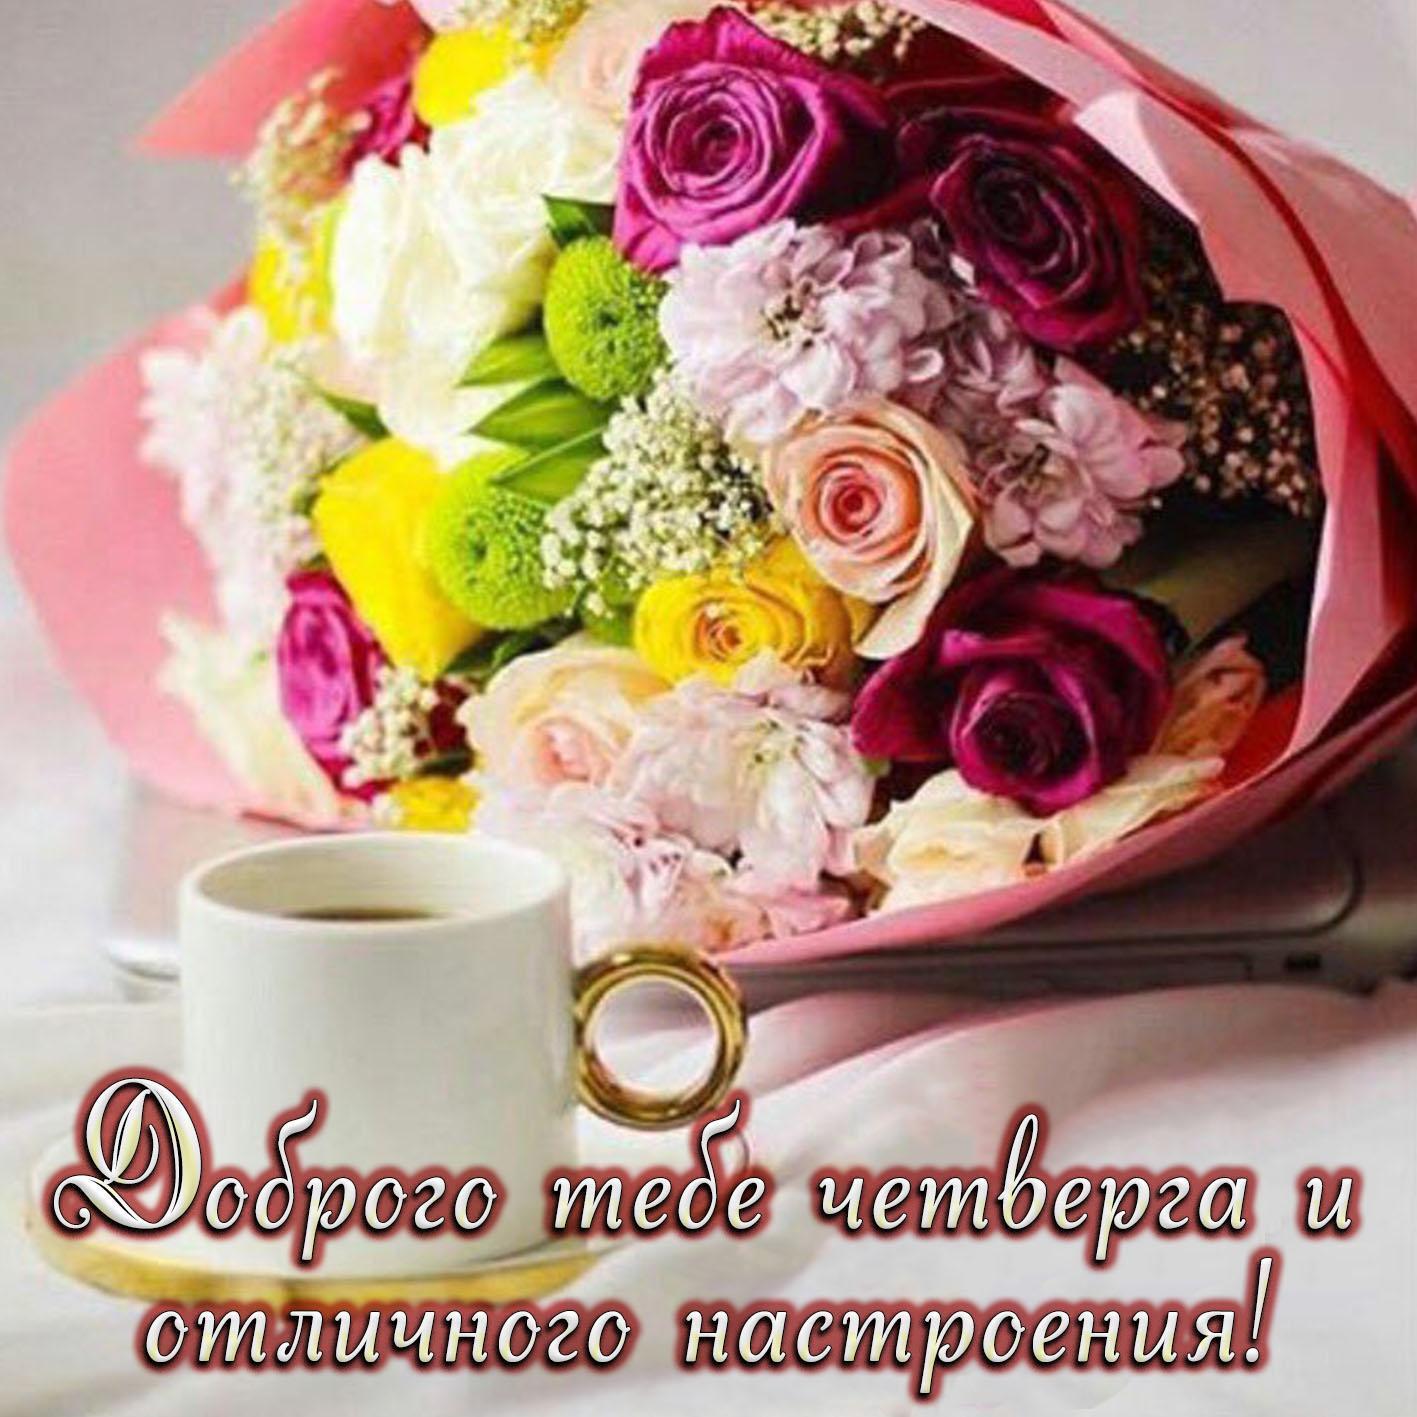 быстрые открытки красивые букеты цветов с пожеланиями доброго дня грибы сохраняют абсолютно